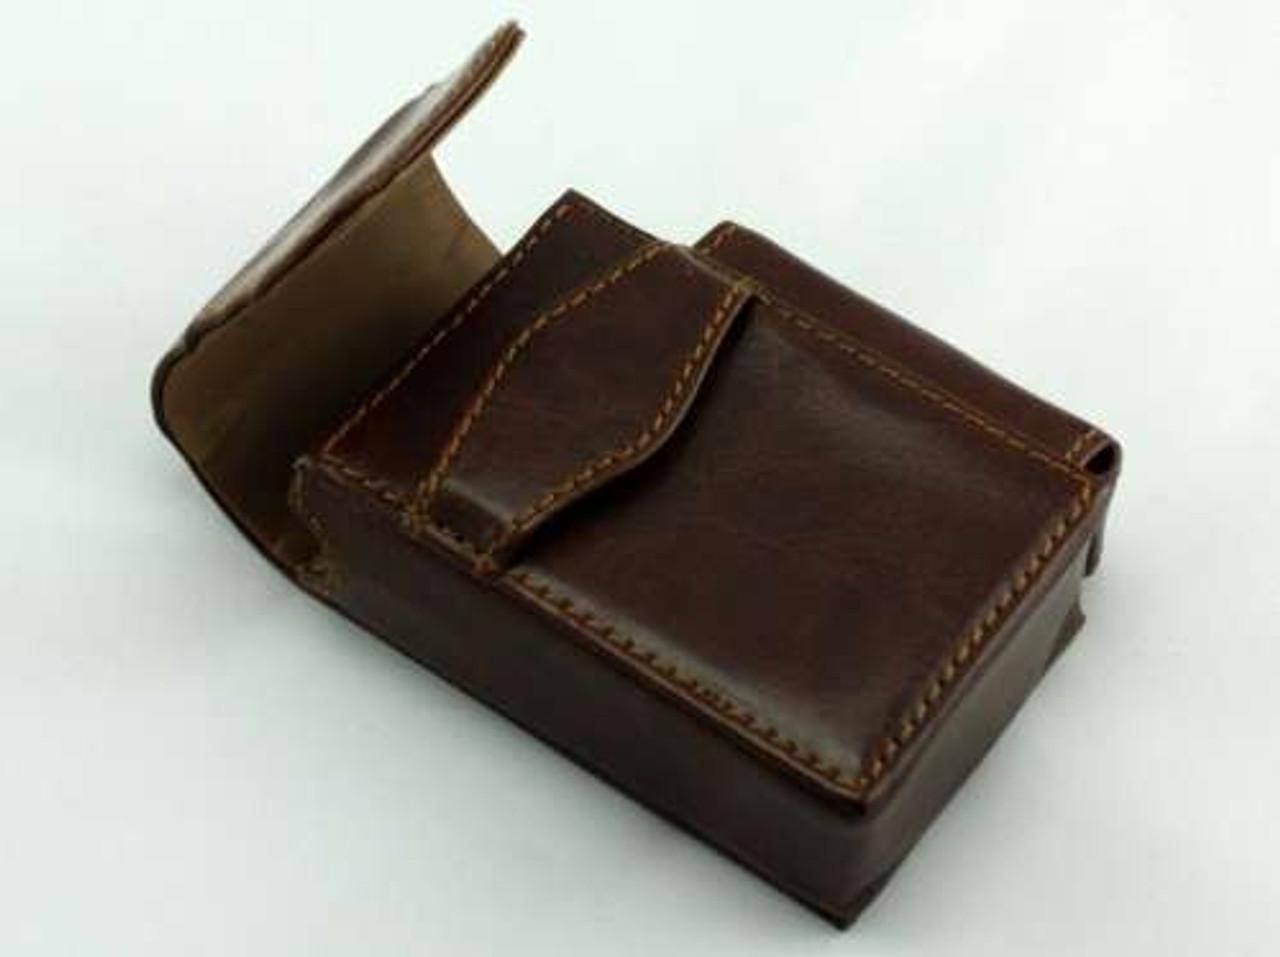 Brown Strap Leather Cigarette Pack Holder